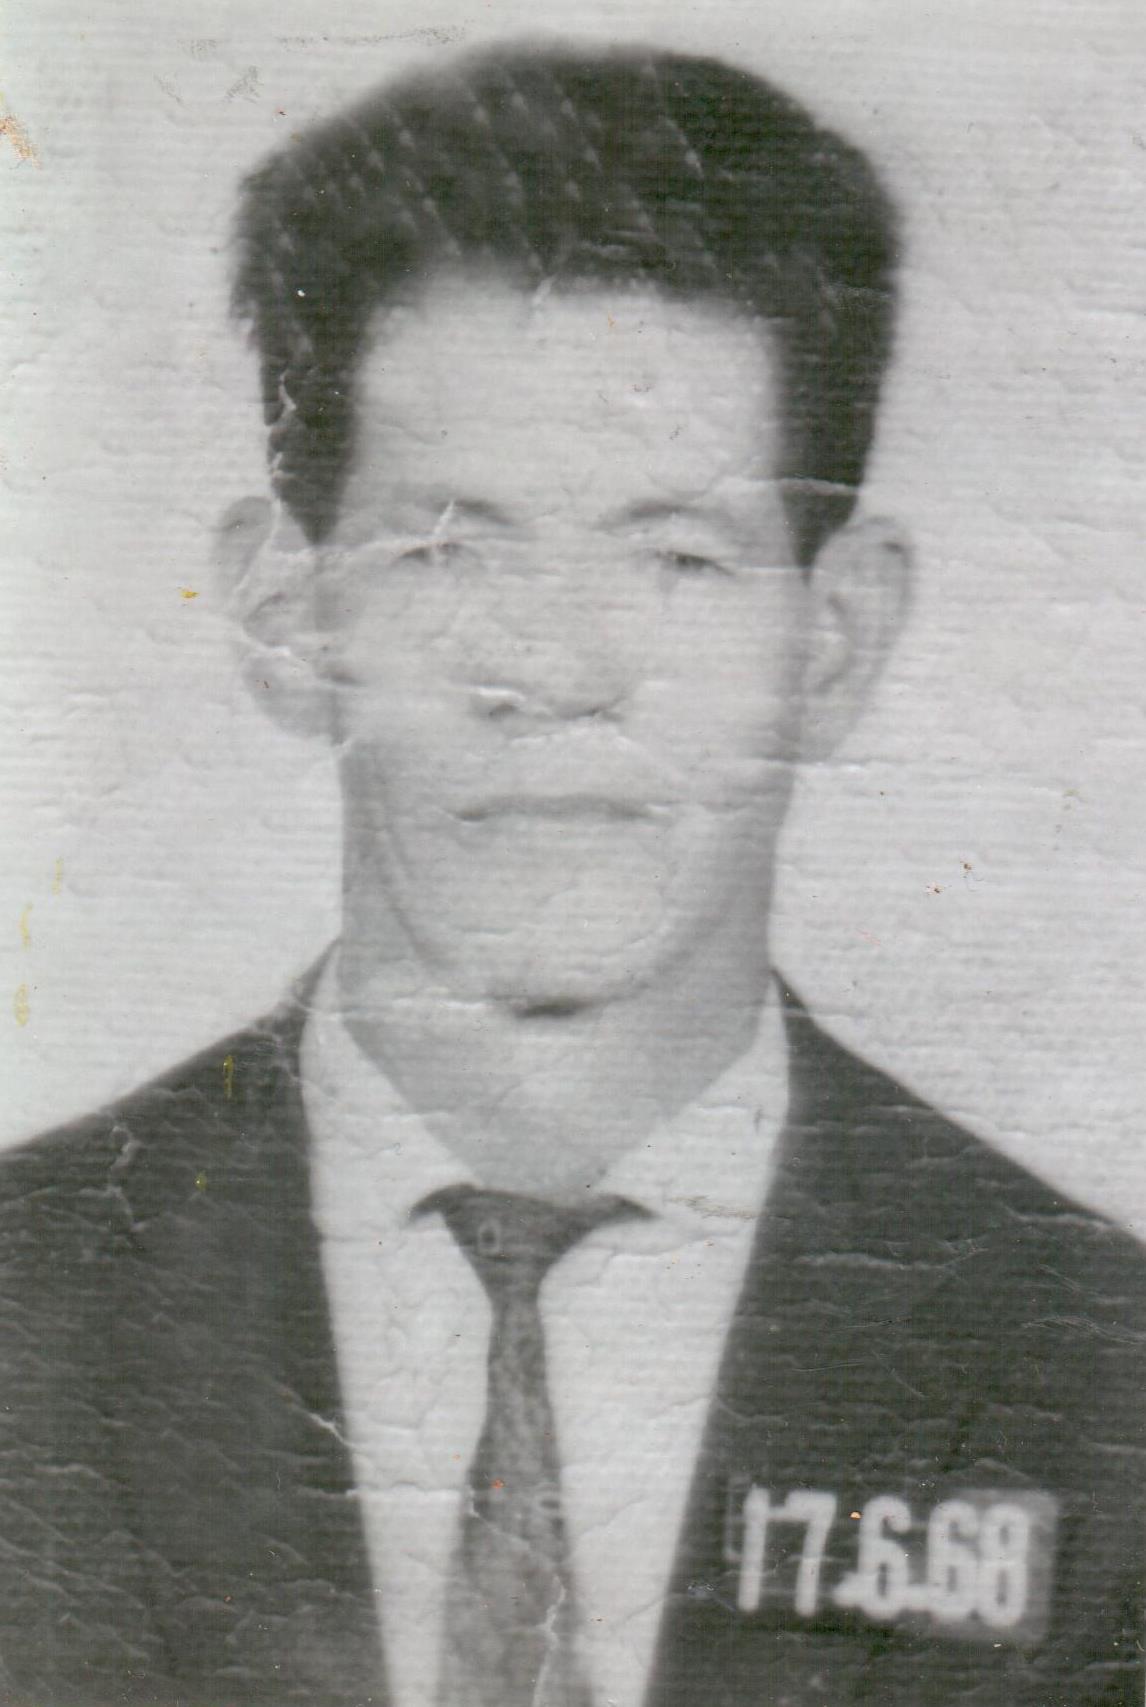 Geraldo Isidoro de Brito